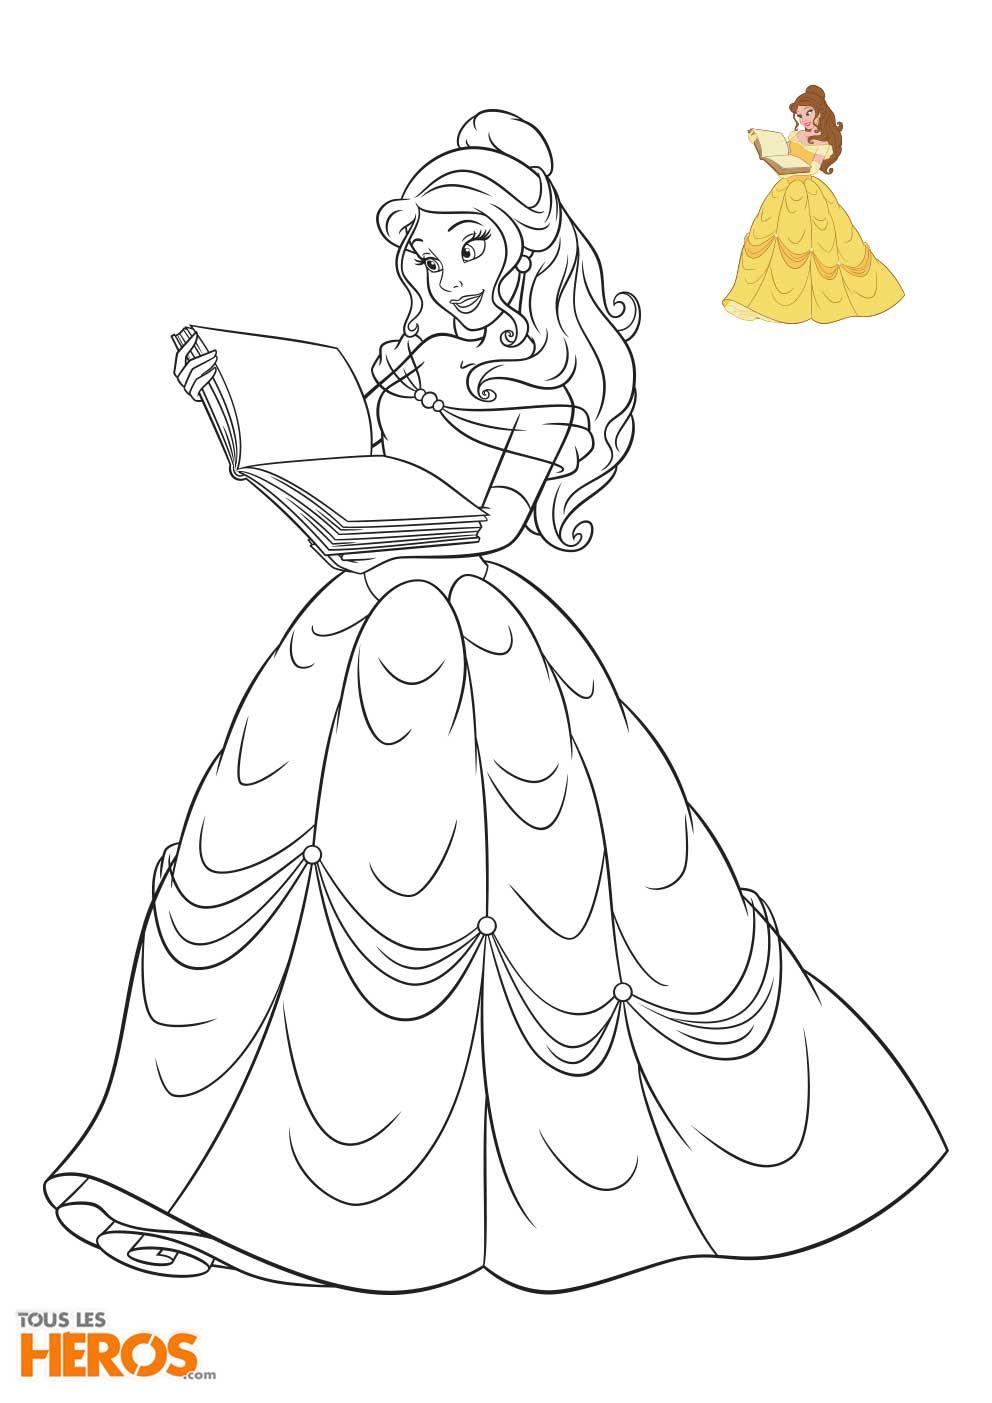 Coloriage Princesse Disney À Imprimer En Ligne | Coloriage avec Coloriages Princesse Disney